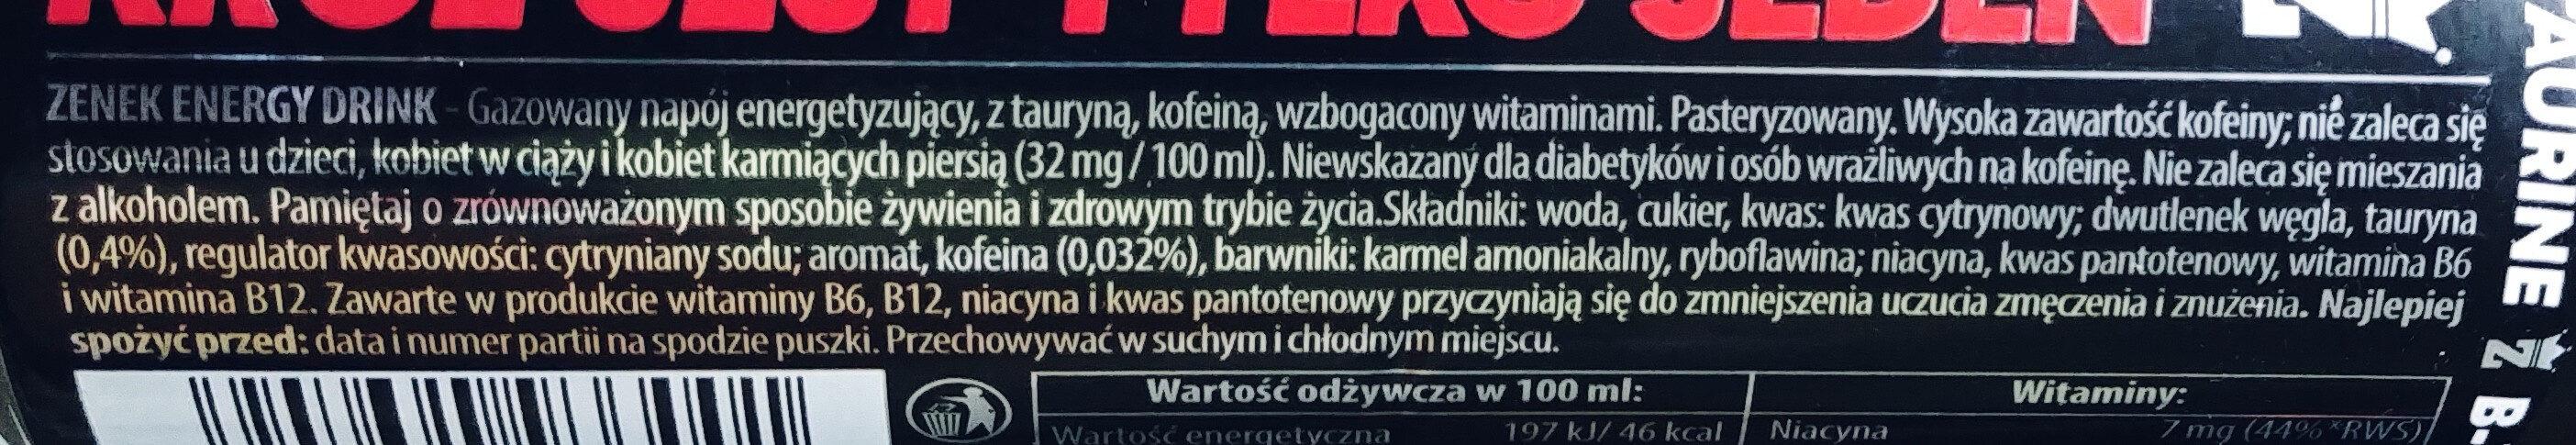 Zenek - Składniki